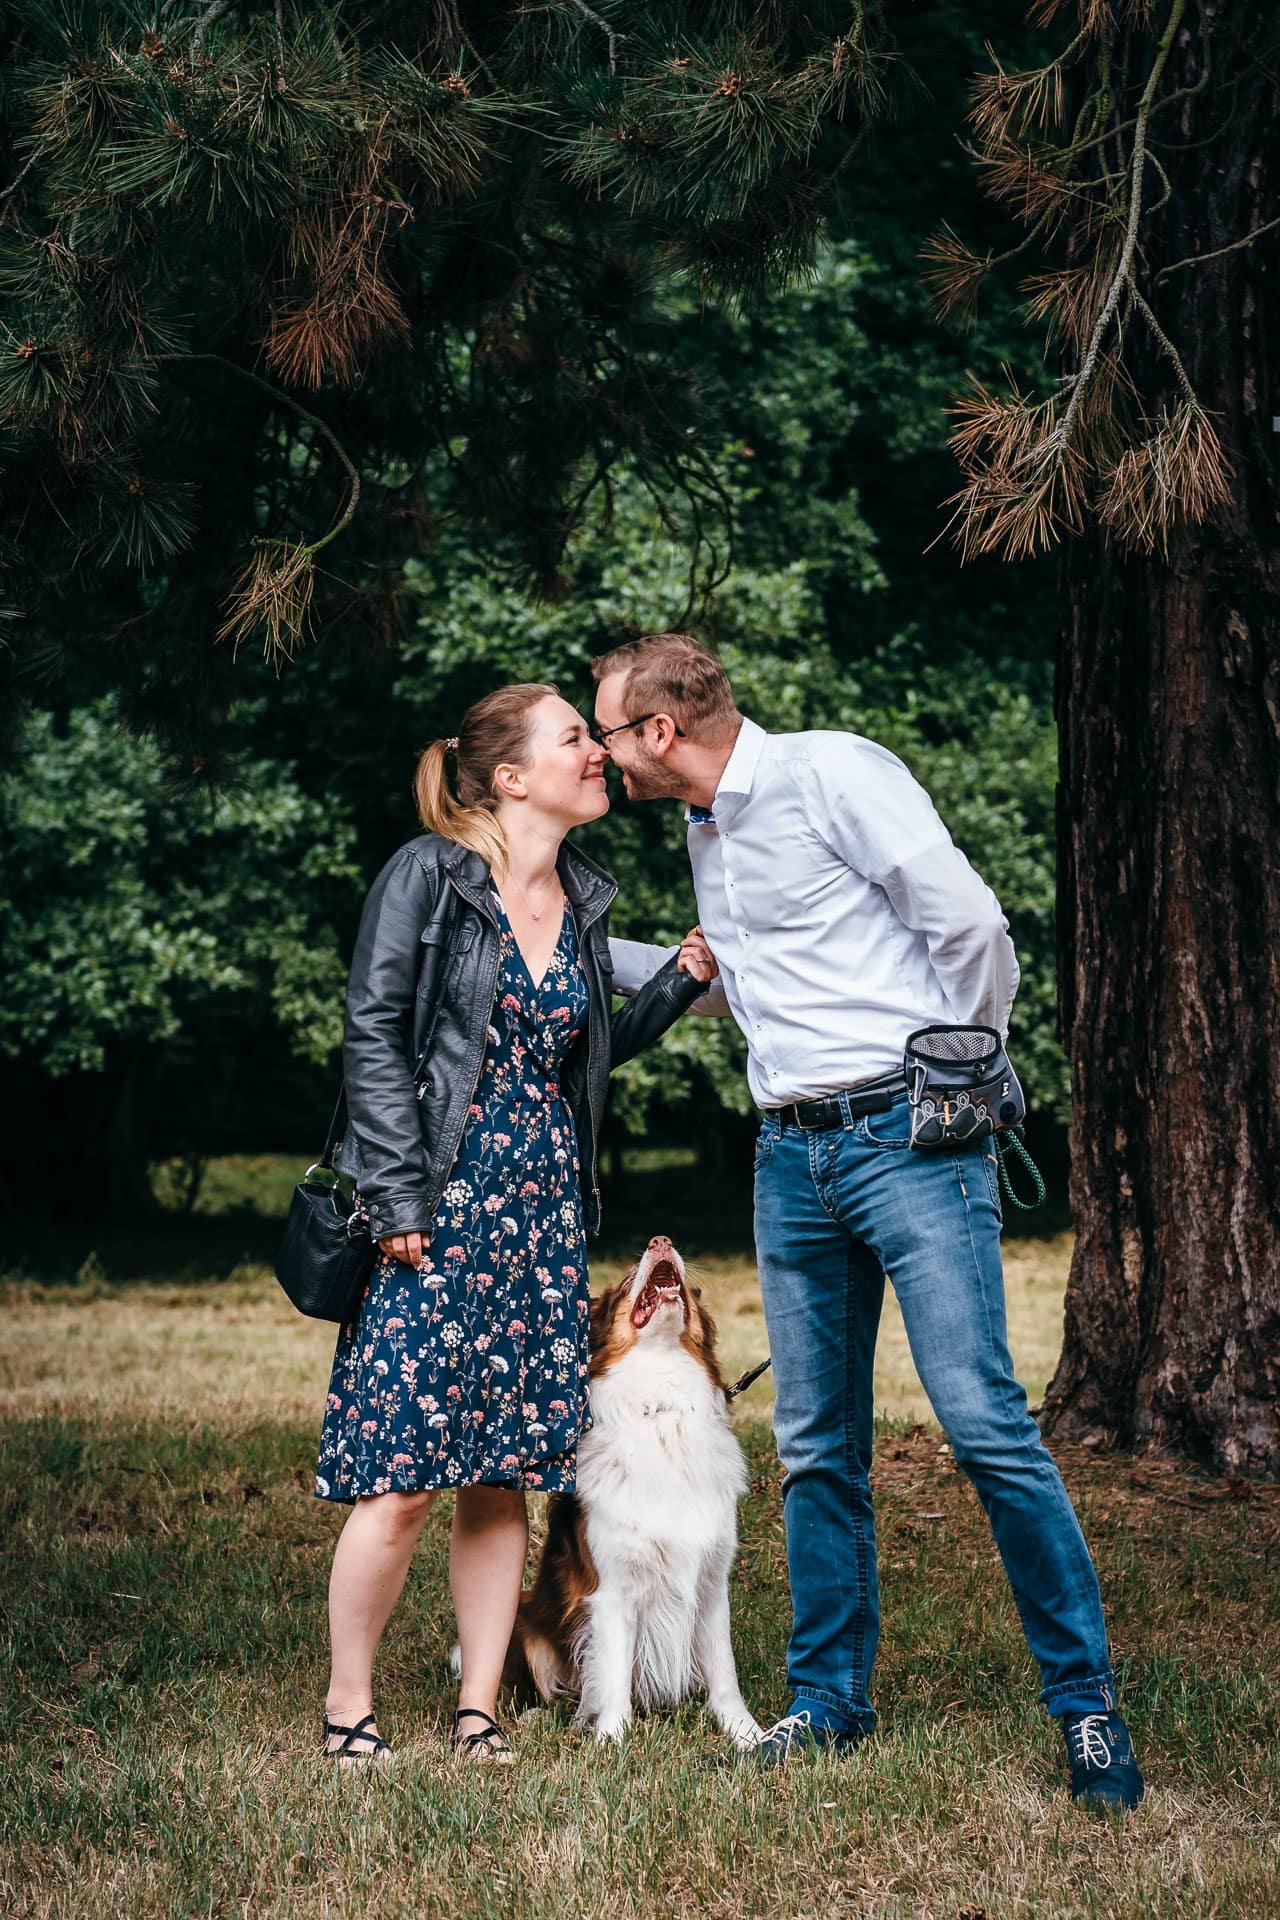 Verliebtes Paar mit Hund